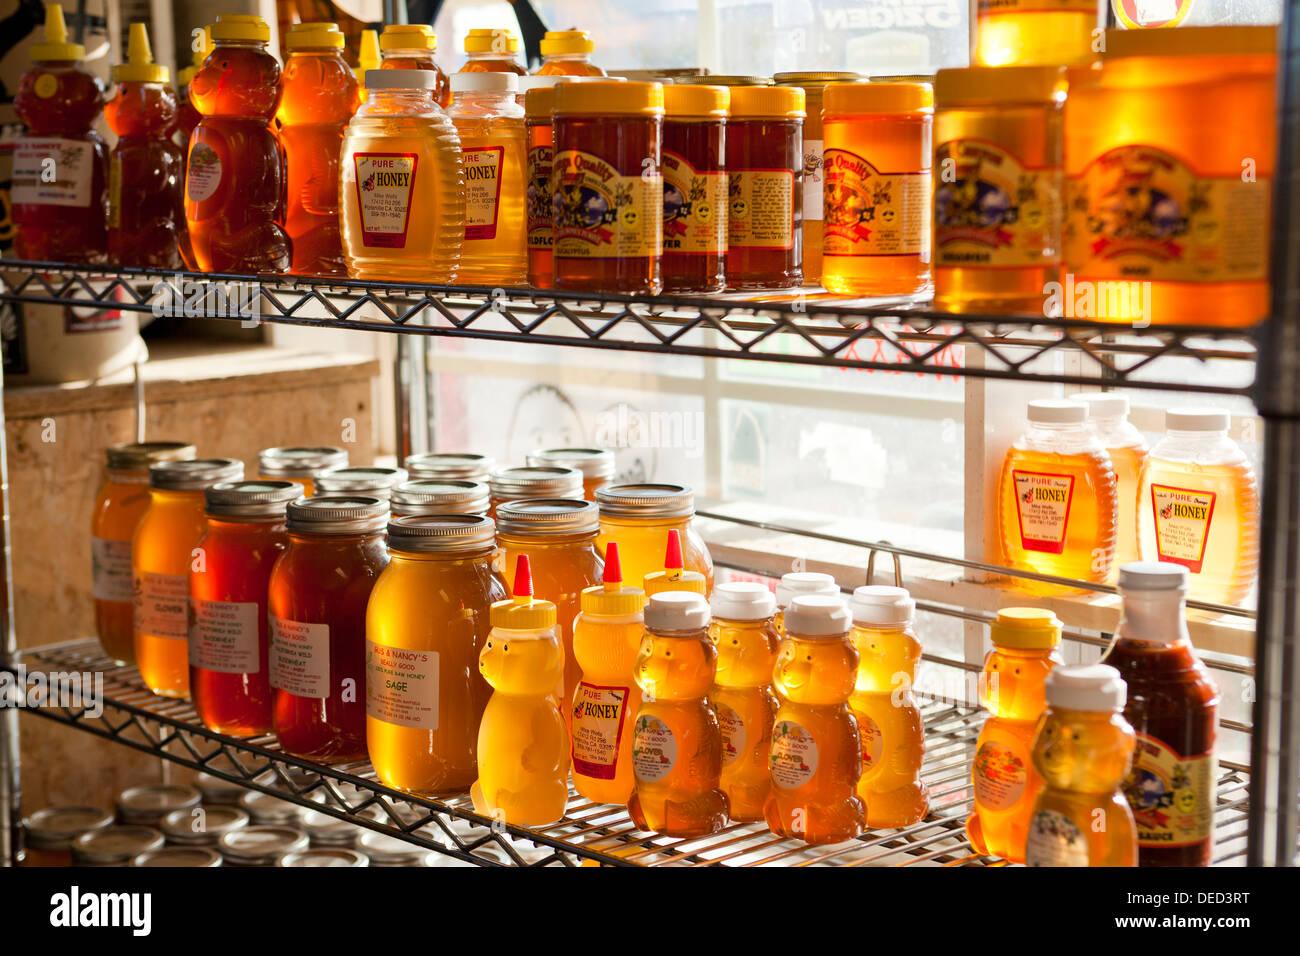 Honey bottles on shelf - Stock Image